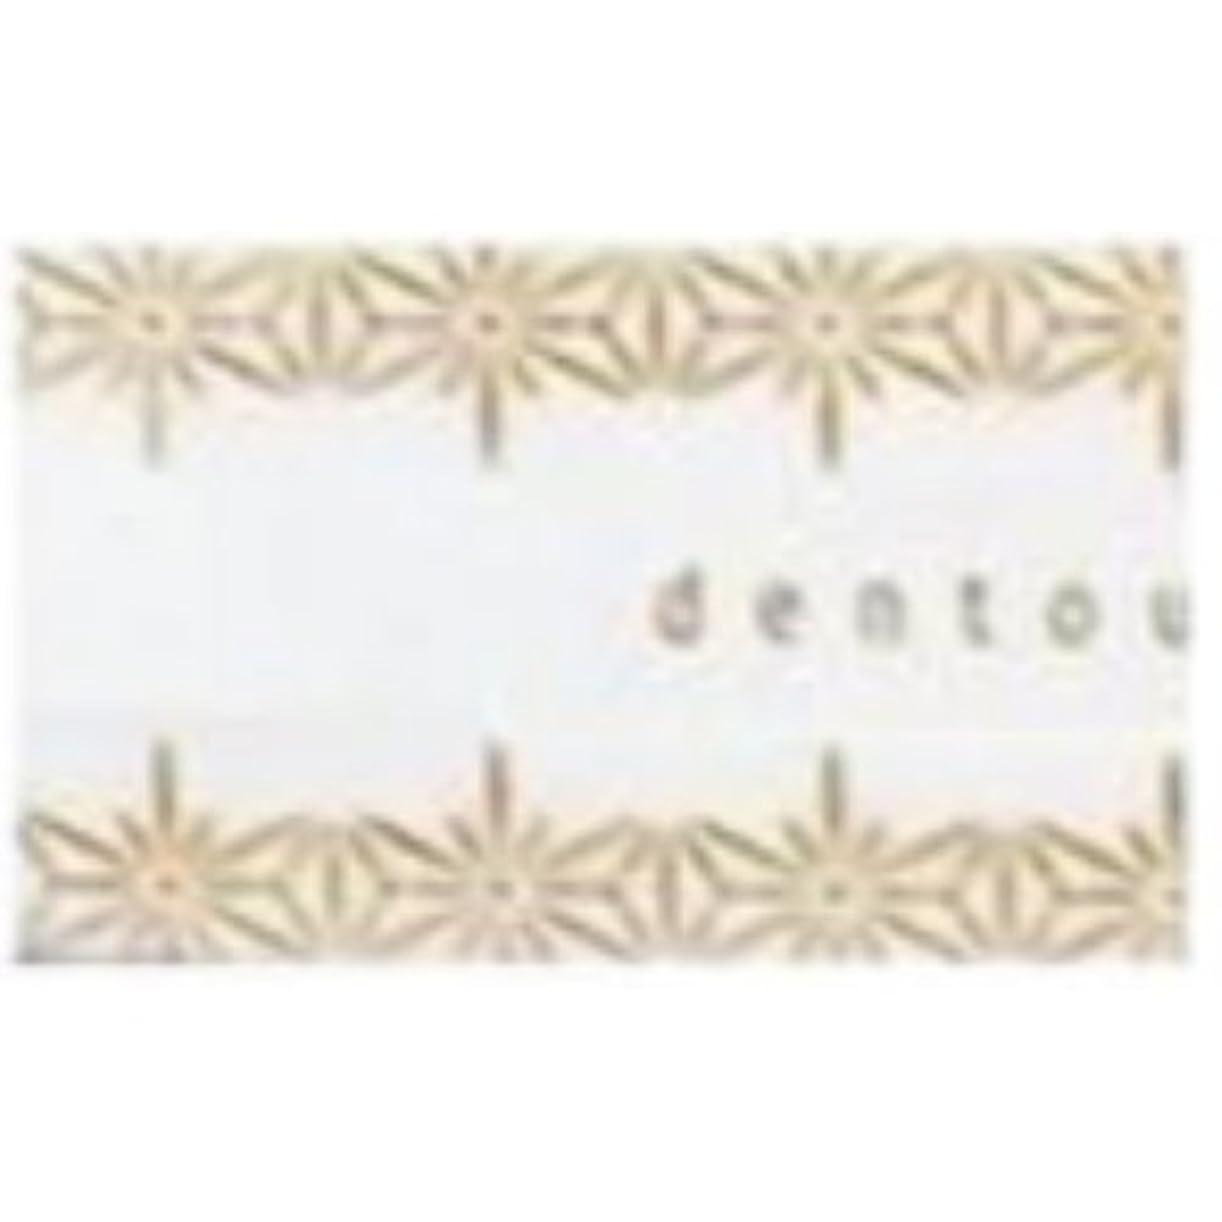 順応性のある証明書強調薫寿堂 紙のお香 美香 沈の香り 30枚入